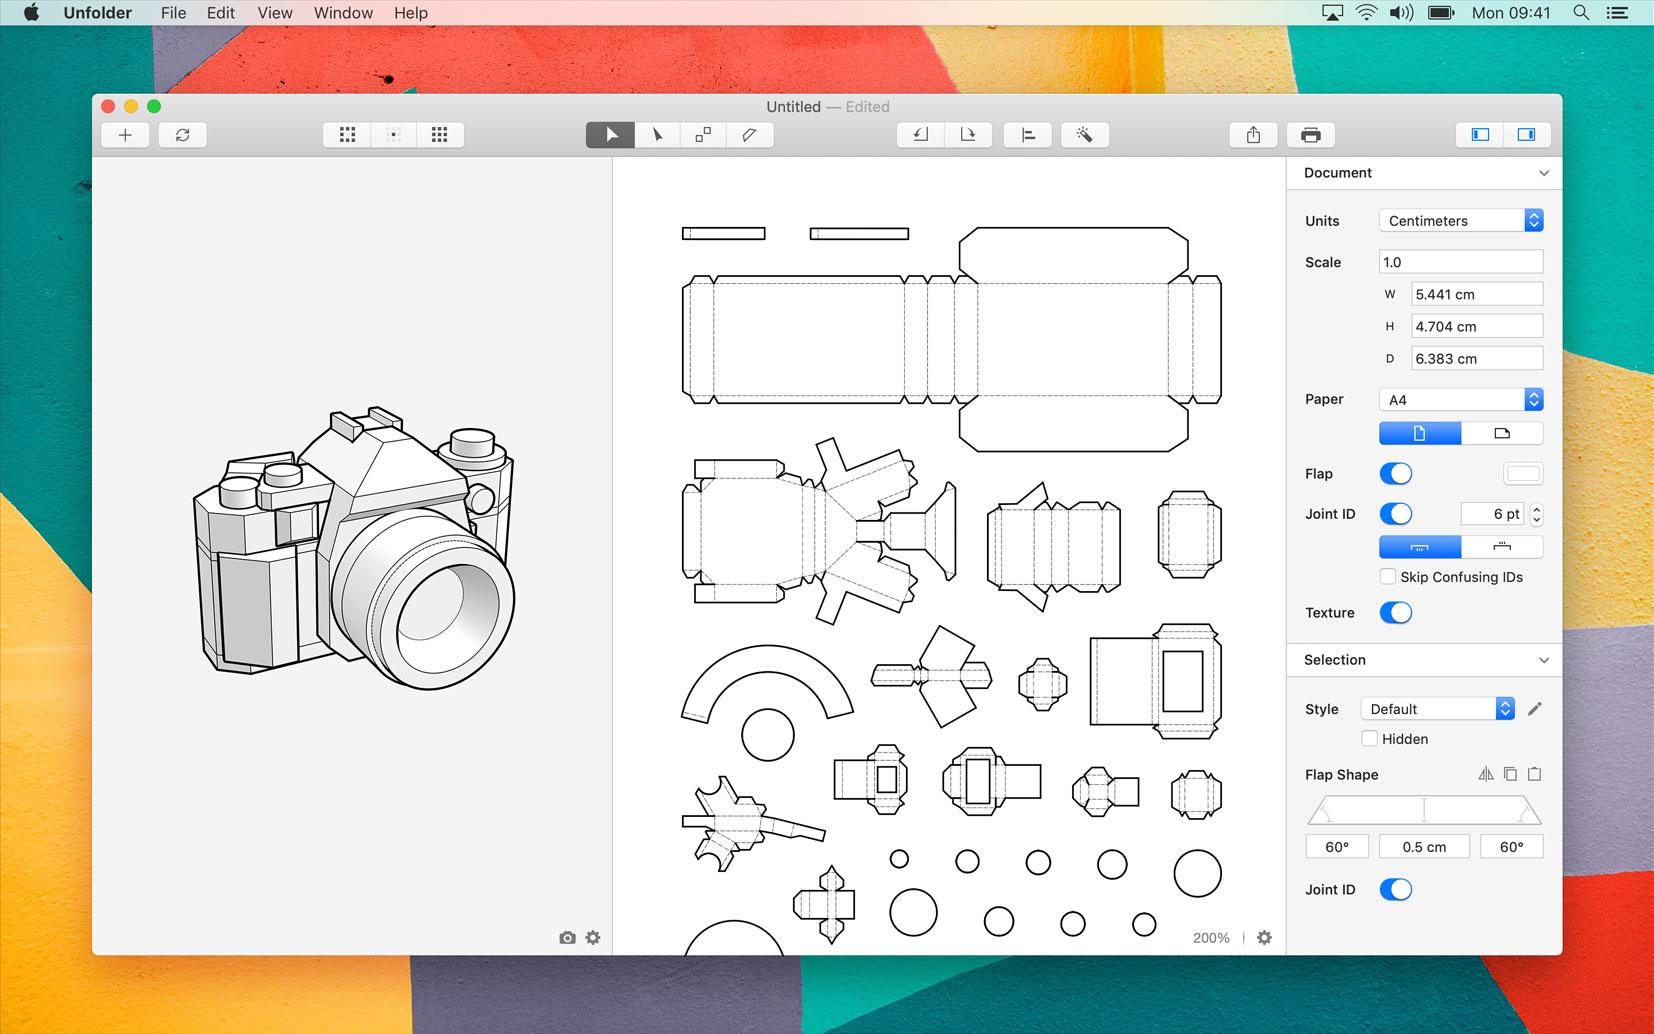 Unfolder 1.10.4 Mac 破解版 3D模型展开工具